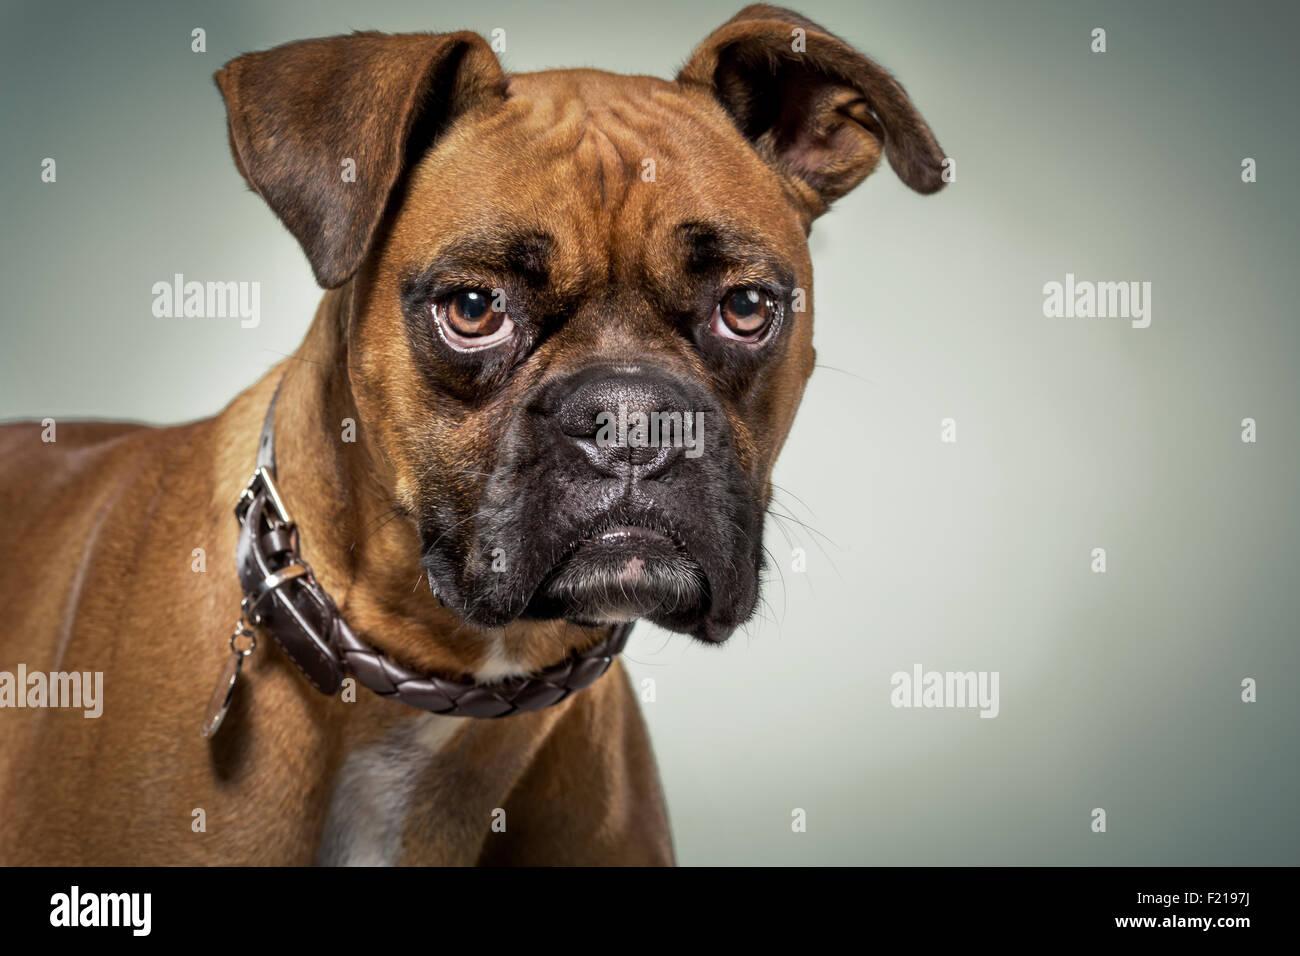 Cane Boxer con espressione seria in studio. Immagini Stock